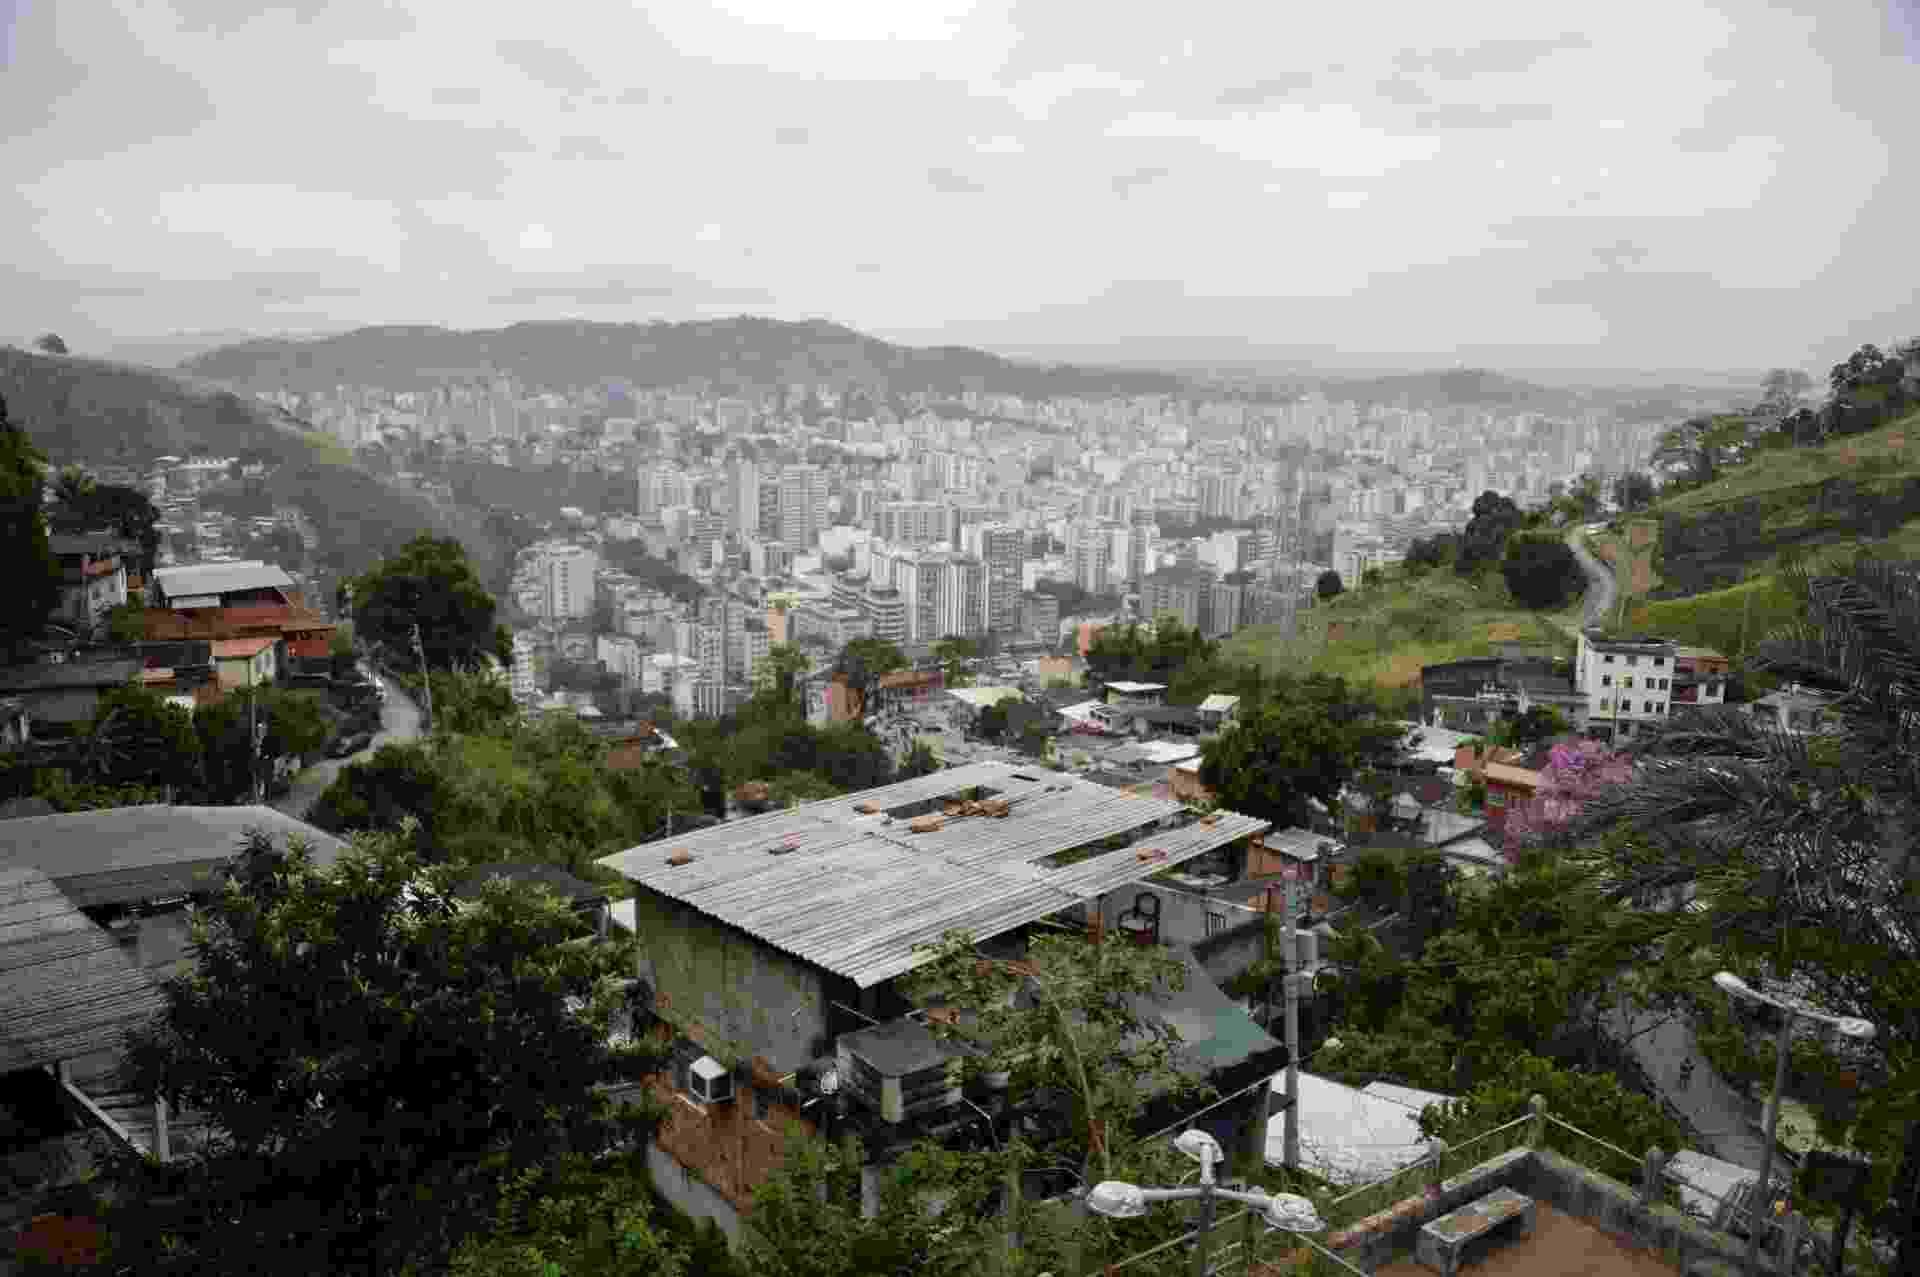 30.ago.2013 - Rio de Janeiro promove campanha para reflorestar 1.300 hectares com o plantio de 4 milhões de sementes até 2016. A iniciativa tem objetivo de reduzir as emissões e a renda créditos de carbono, mas também estabilizar encostas para evitar novas tragédias com os deslizamentos. O Morro da Formiga, que fica na Tijuca, zona norte da cidade, tem um dos projetos mais antigos de reflorestamento e, desde 1997, já recuperou 80 hectares com espécies da Mata Atlântica - Vanderlei Almeida/AFP